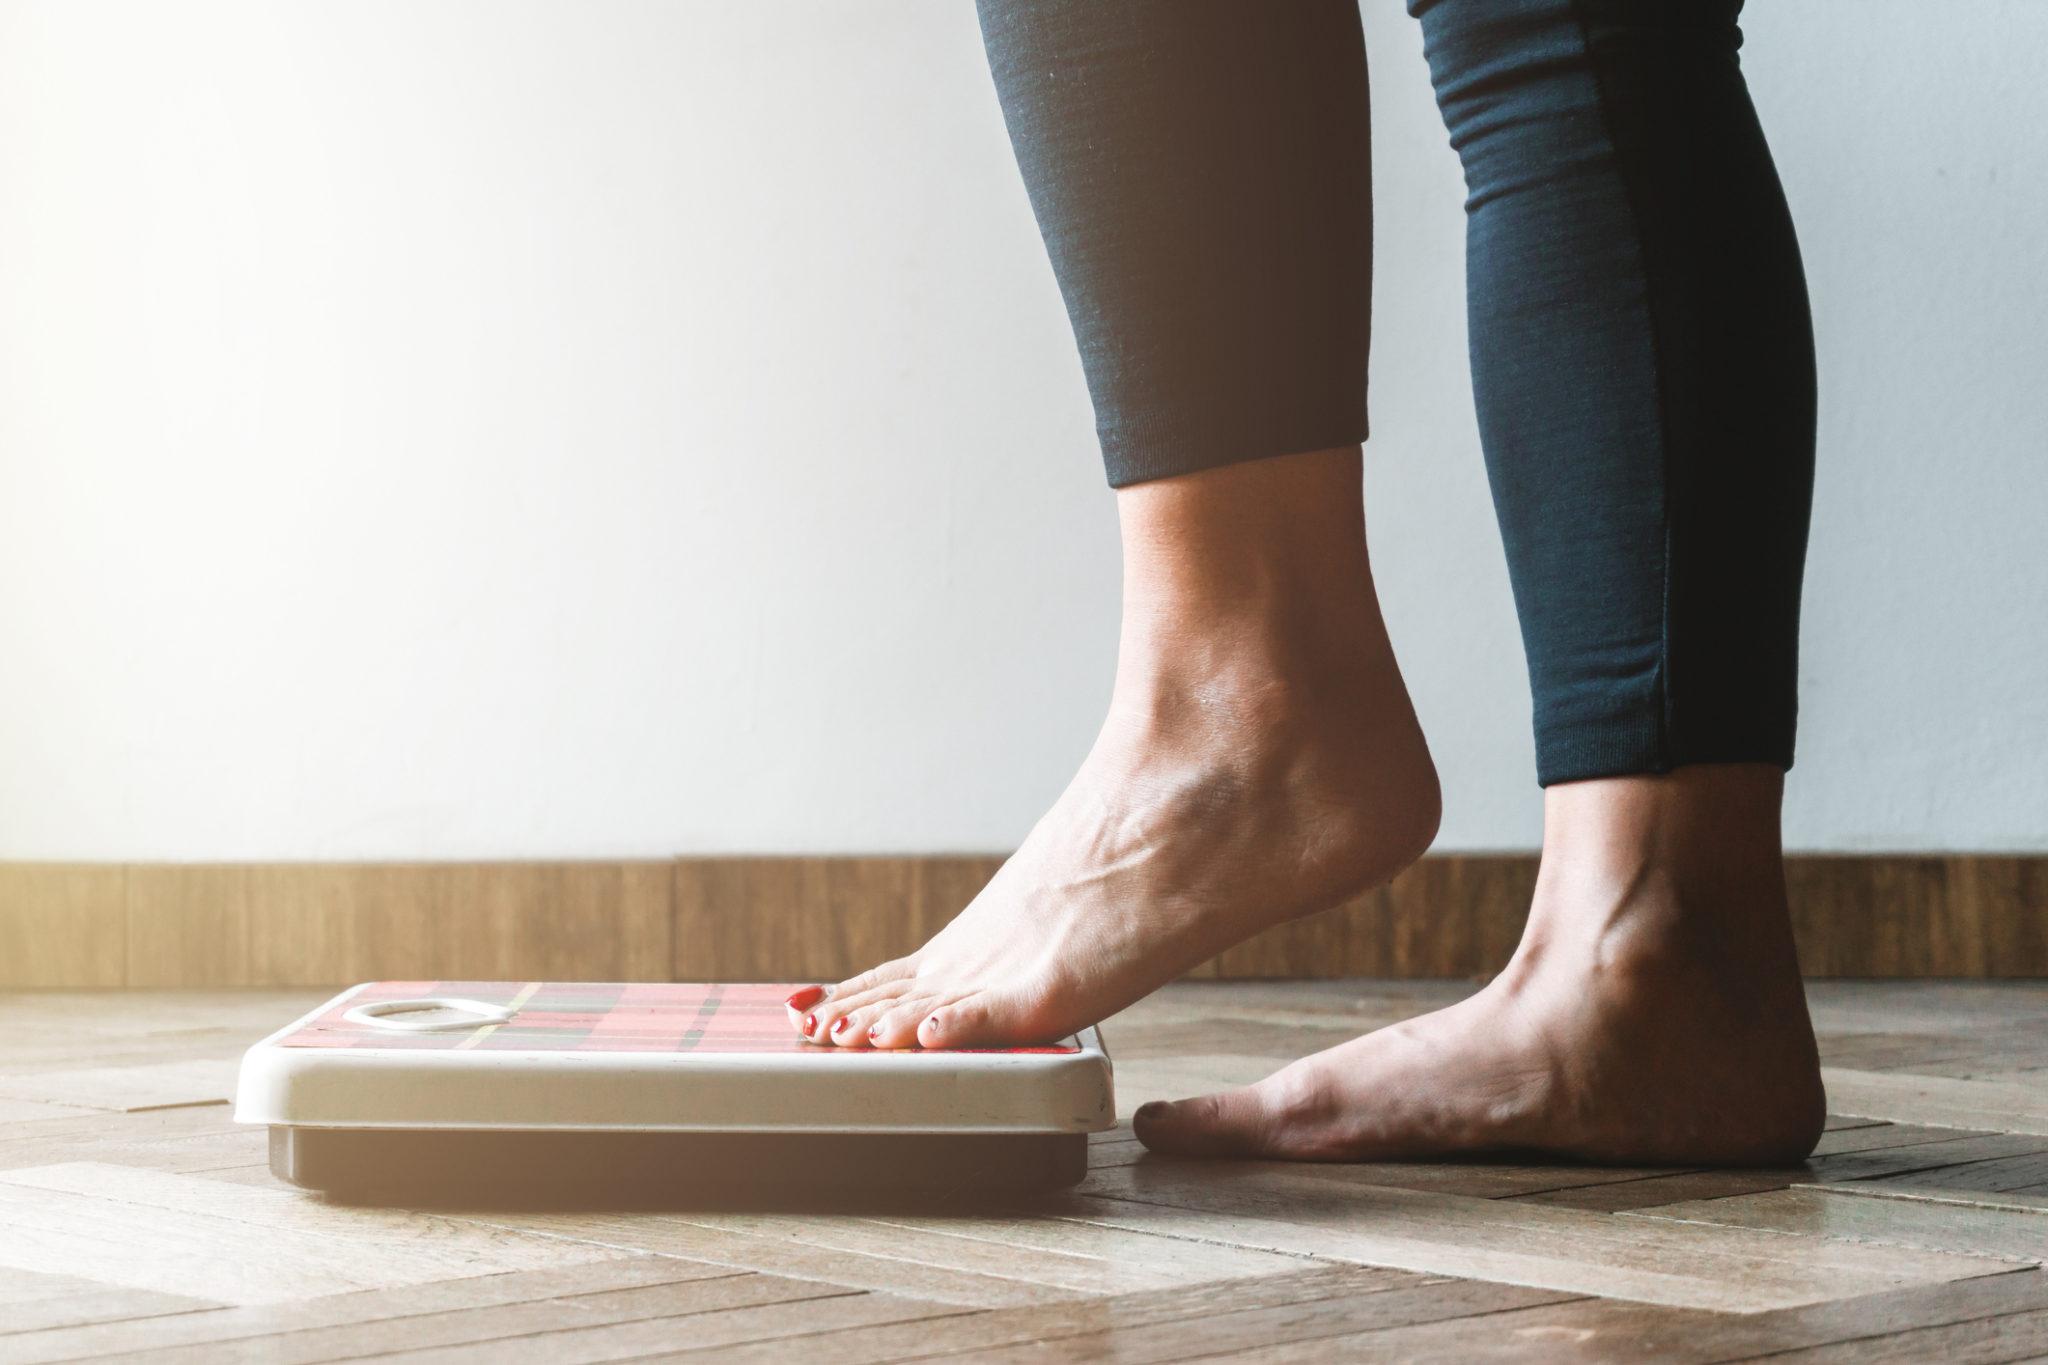 أسرع وأسهل الوصفات لإنقاص الوزن وإزالة الكرش في أقل من عشرة أيام 1